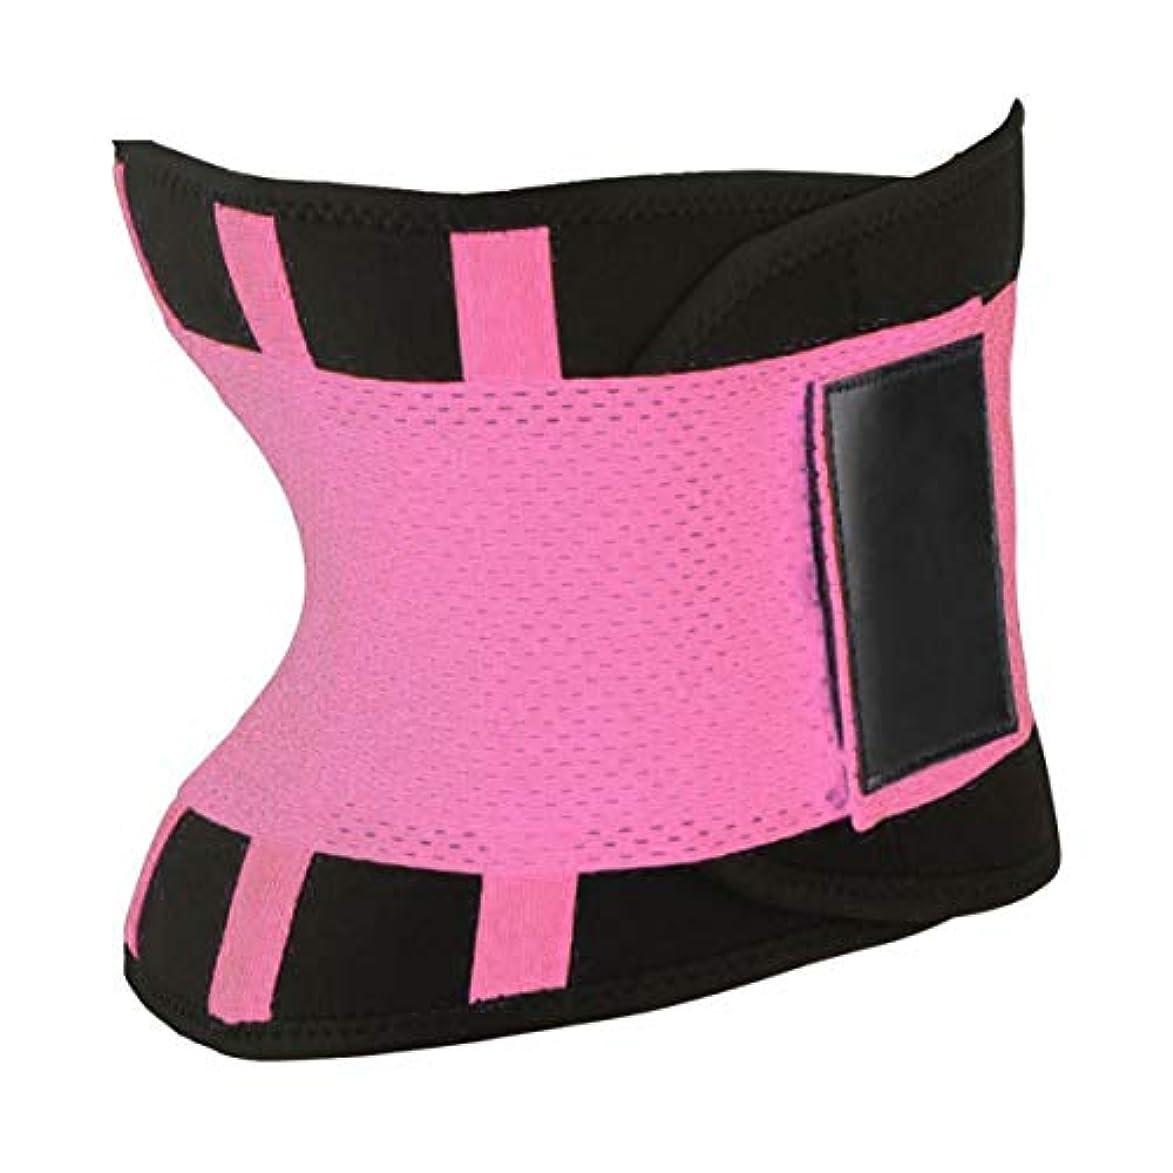 真実にクリーナーうがい薬快適な女性ボディシェイパー痩身シェイパーベルトスポーツ女性ウエストトレーナーニッパー制御バーニングボディおなかベルト - ピンク2xl